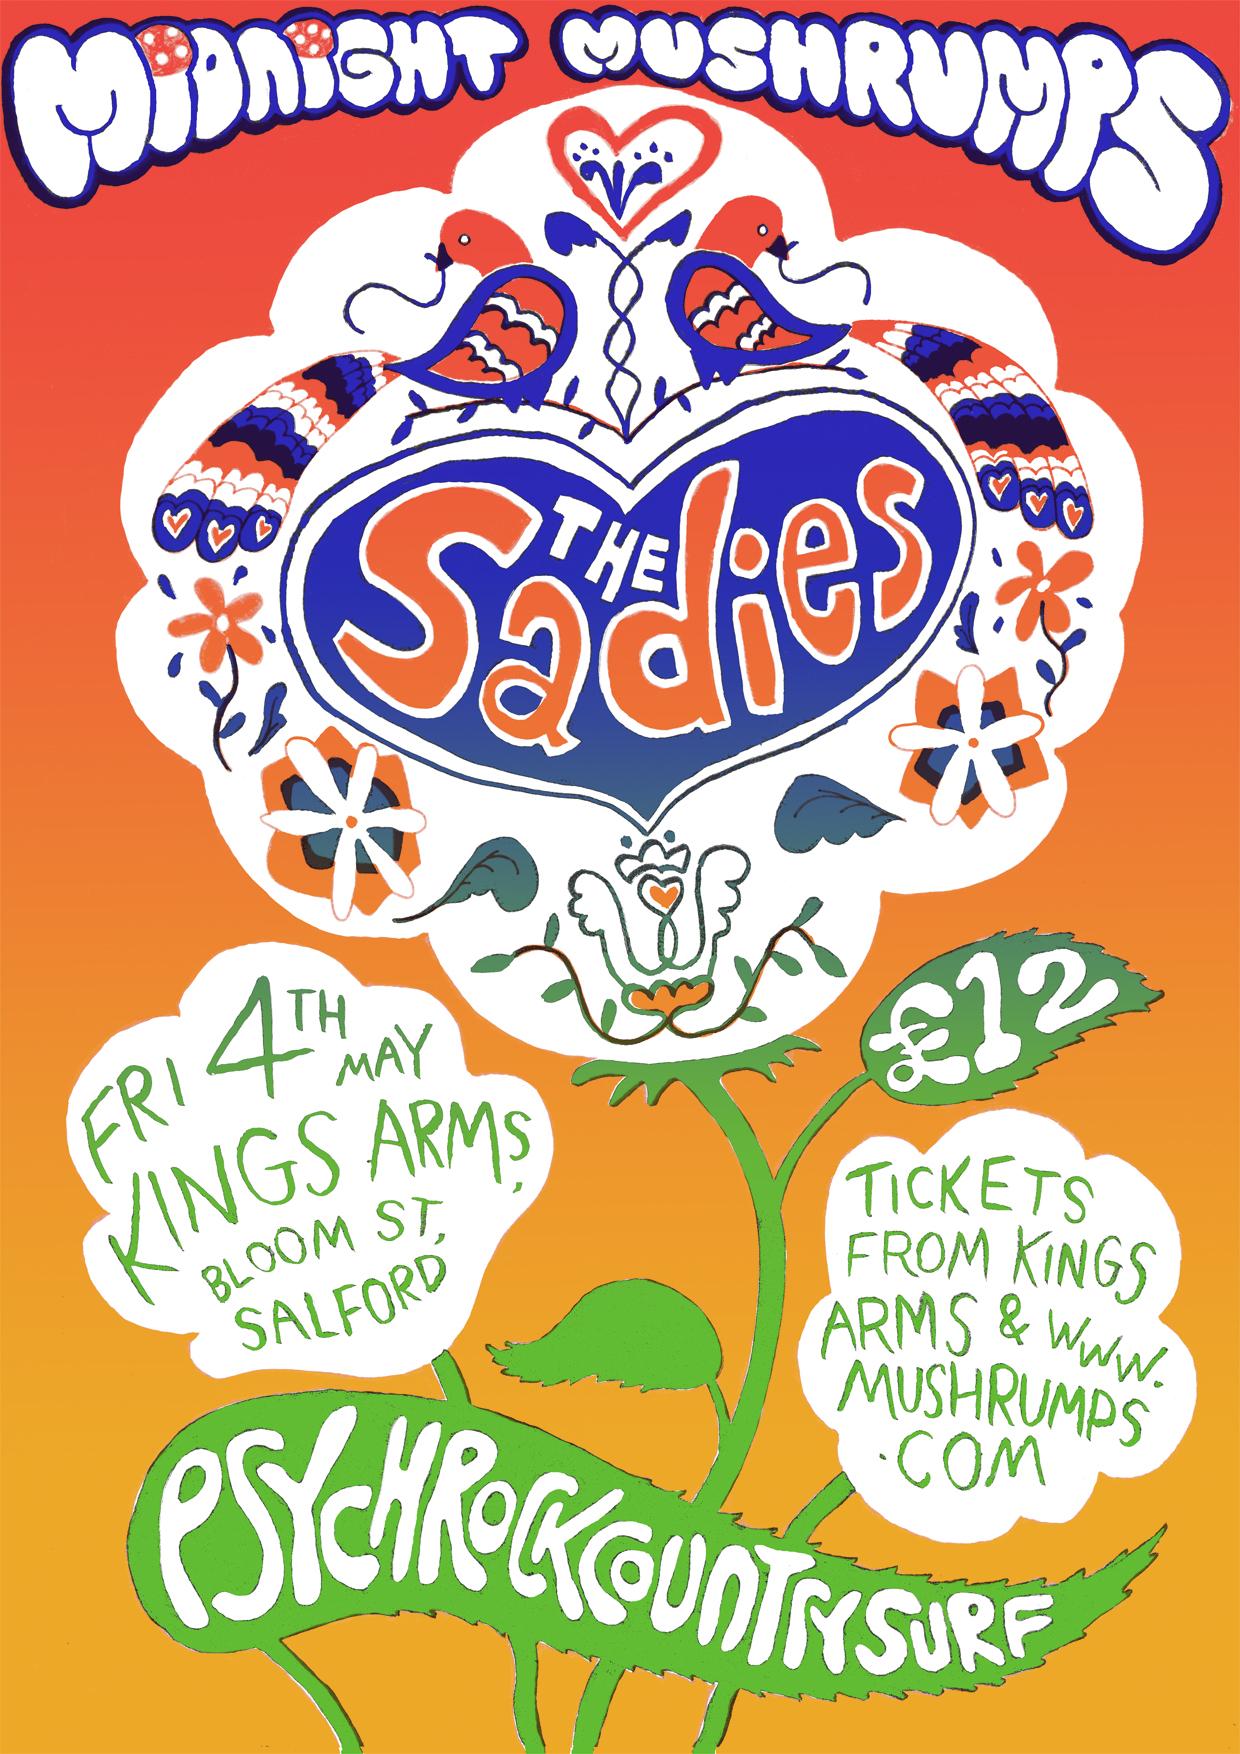 Sadies Poster150dpi.jpg